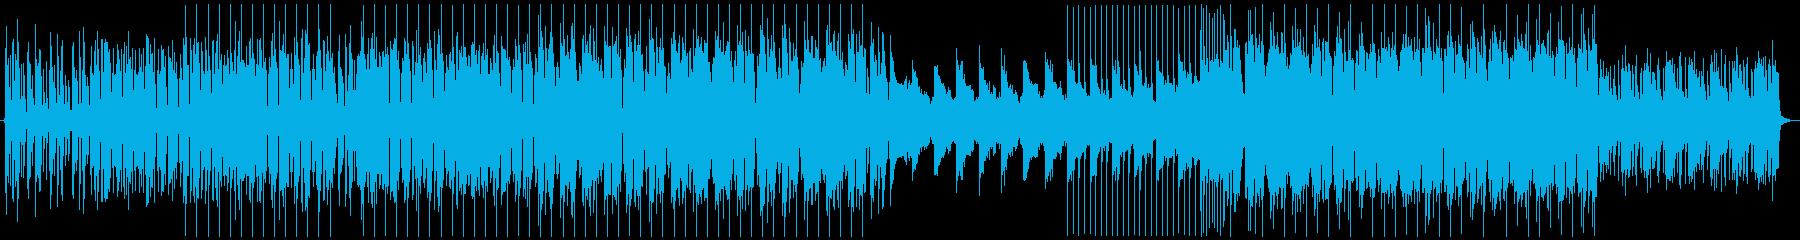 プログレッシブハウス・EDM 01の再生済みの波形